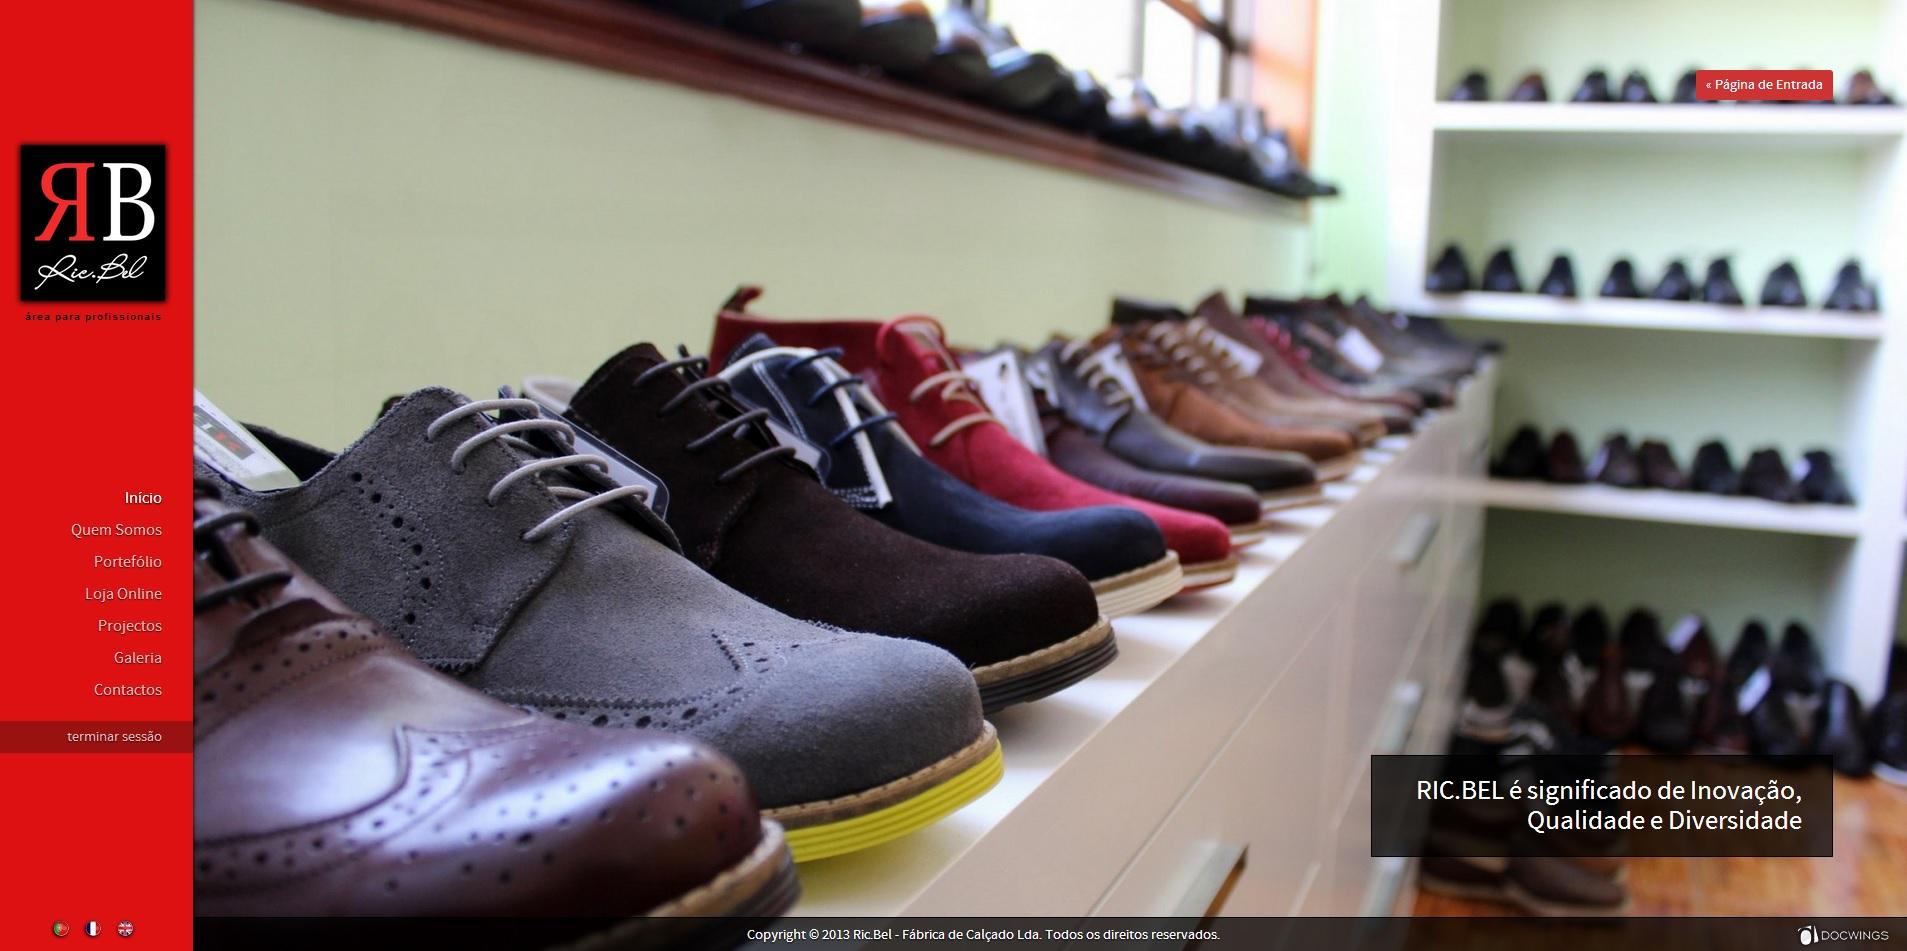 f42a6c293d Ric.Bel Fábrica de Sapatos - Fabricante de Calçado Portugal • Docwings